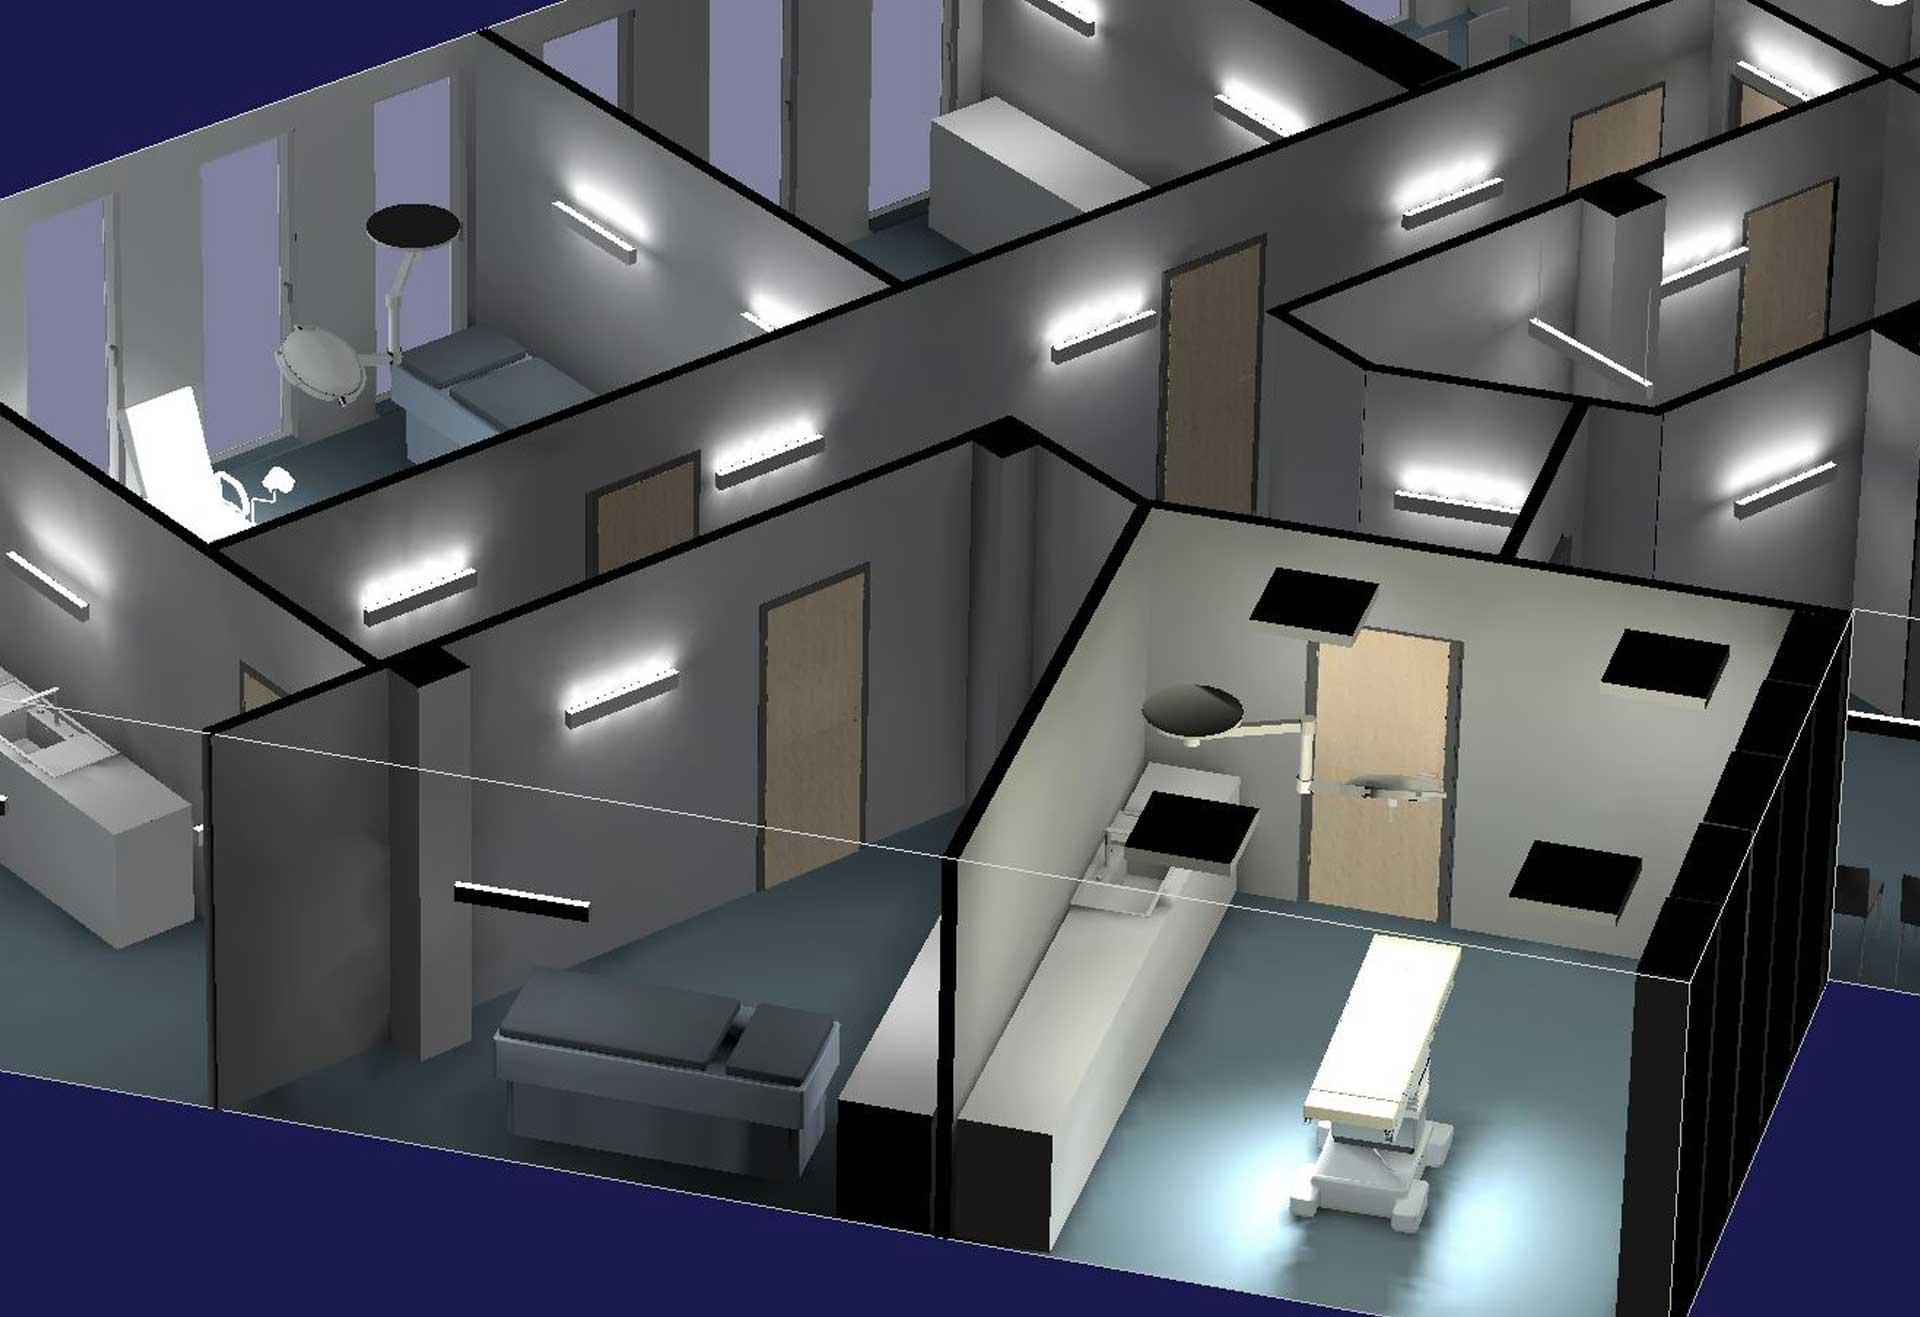 Stilvolles Lichtkonzept zur professionellen und gleichmäßigen Lichtwirkung in Arztpraxis